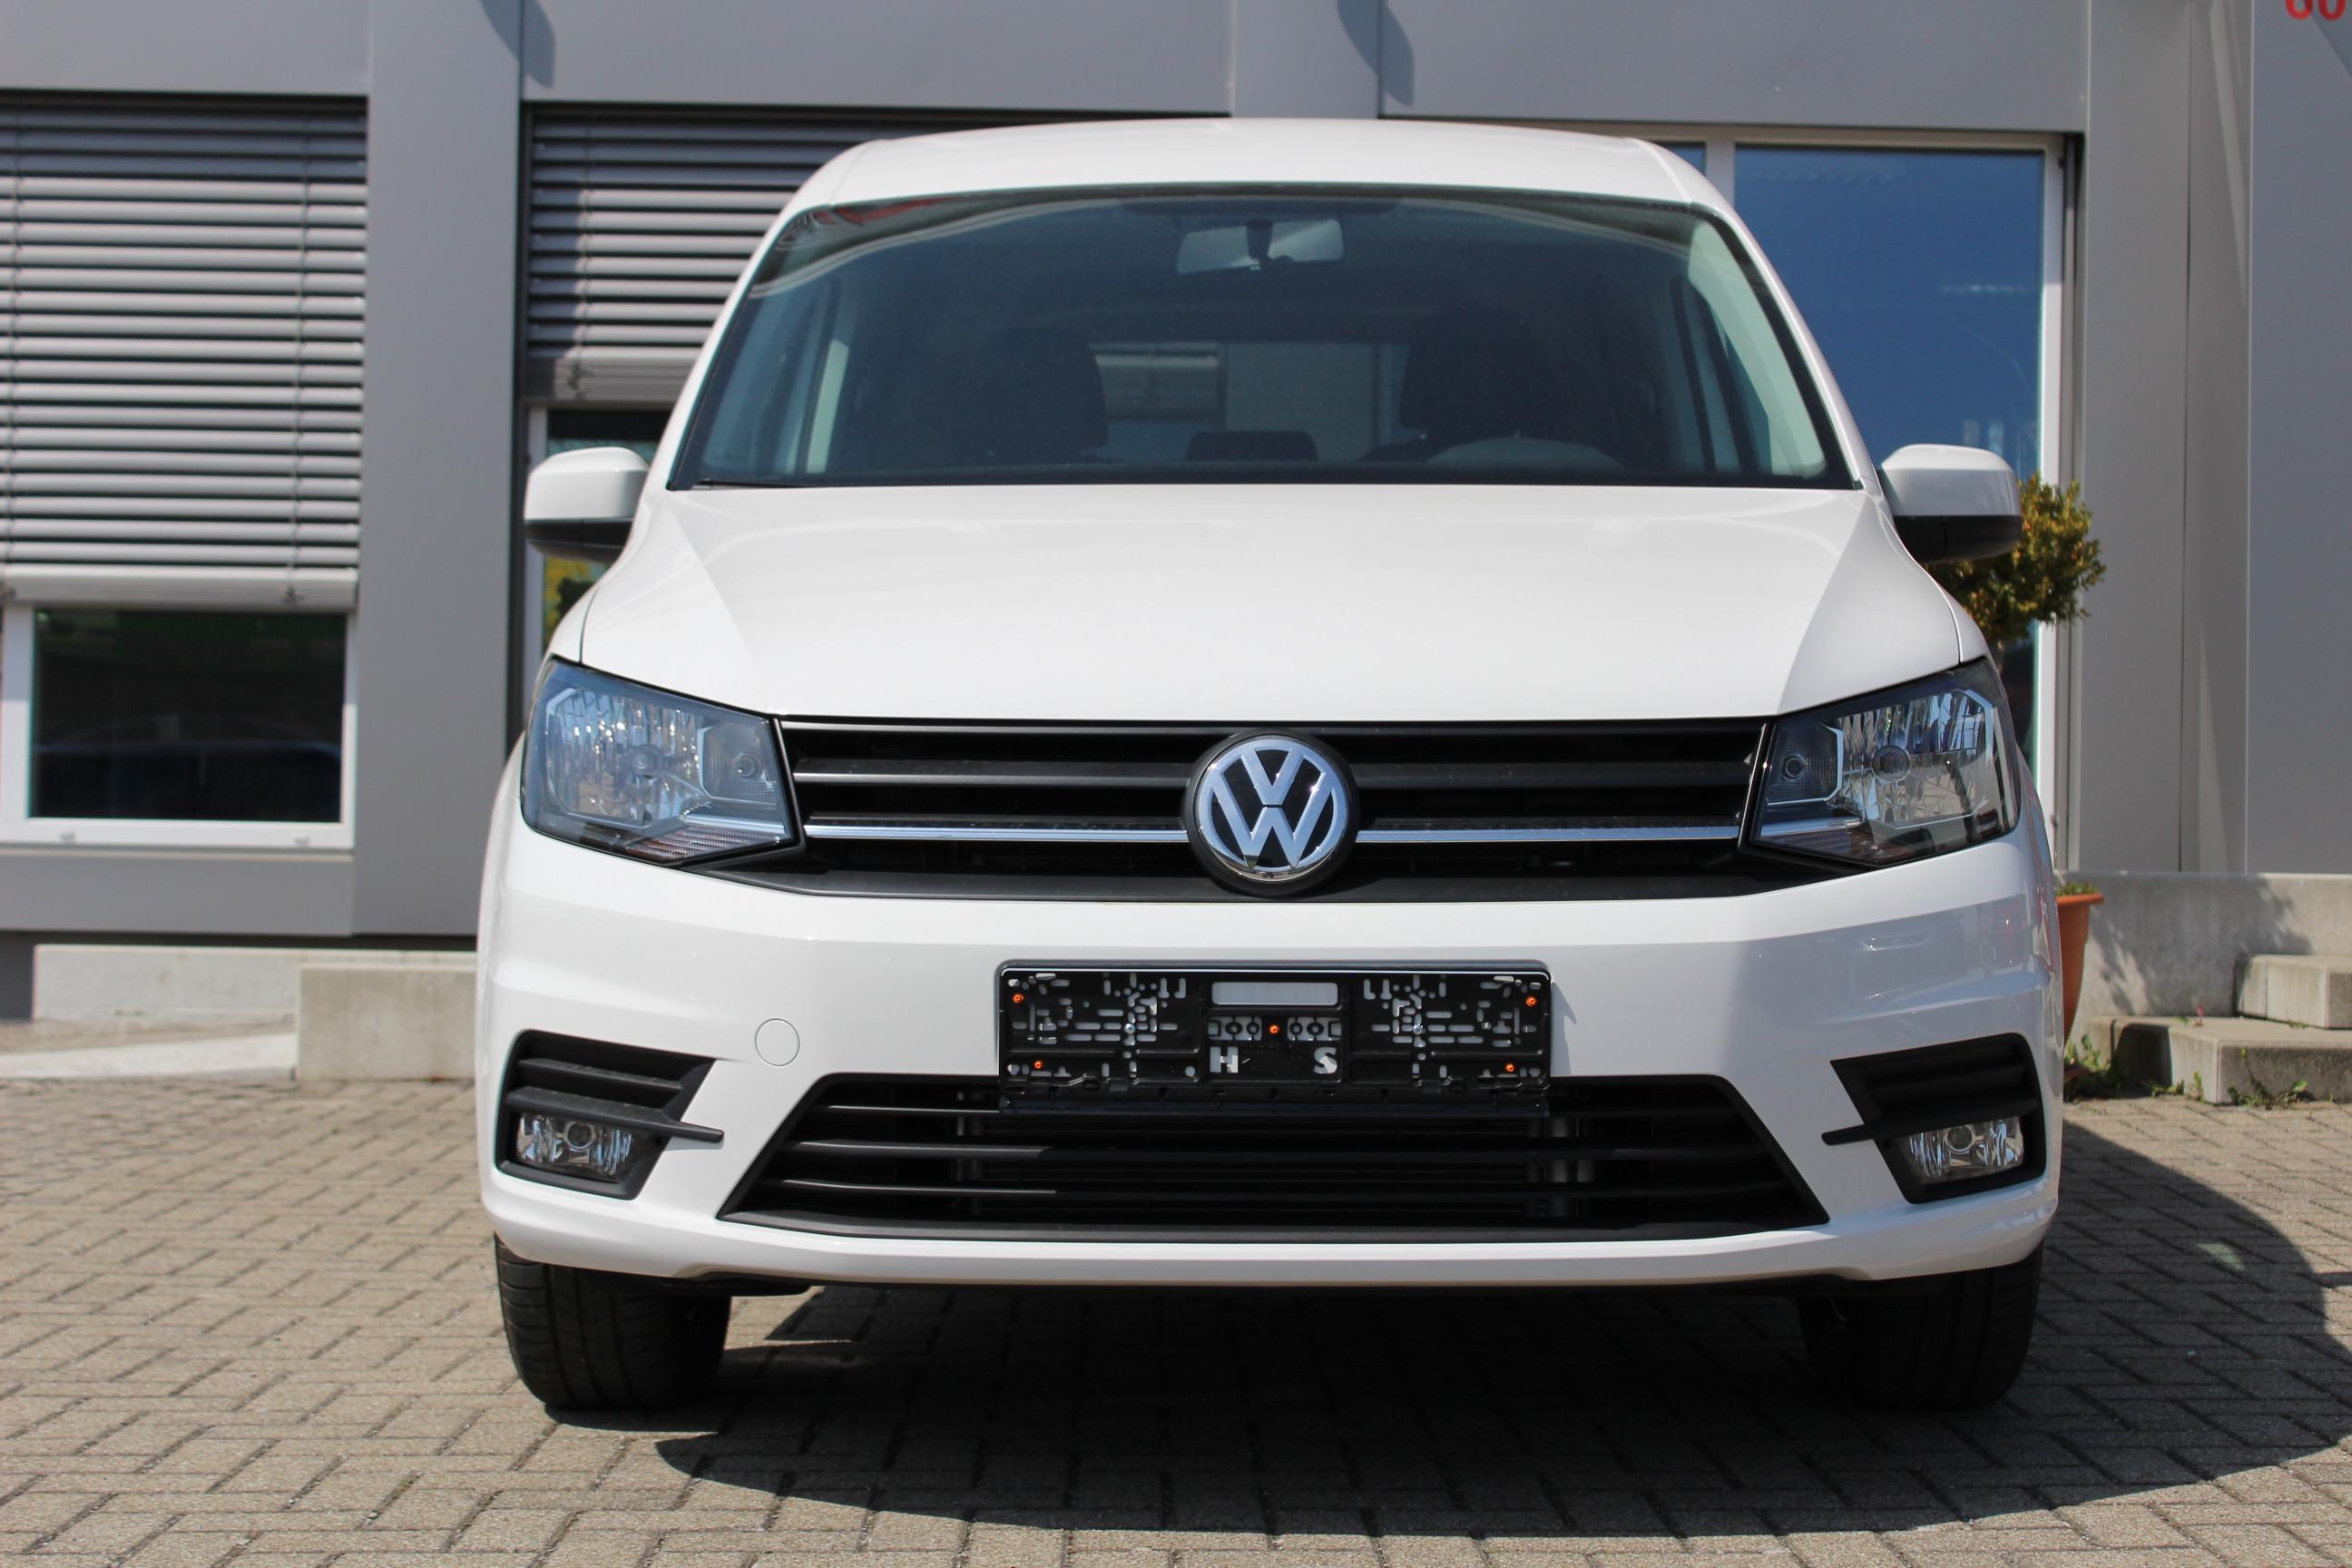 VW Caddy Trendline 1.4 TSI DSG / Deutsche Neufahrzeuge und EU-Neufahrzeuge – Aha! Fahrzeughandel GmbH in Althengstett